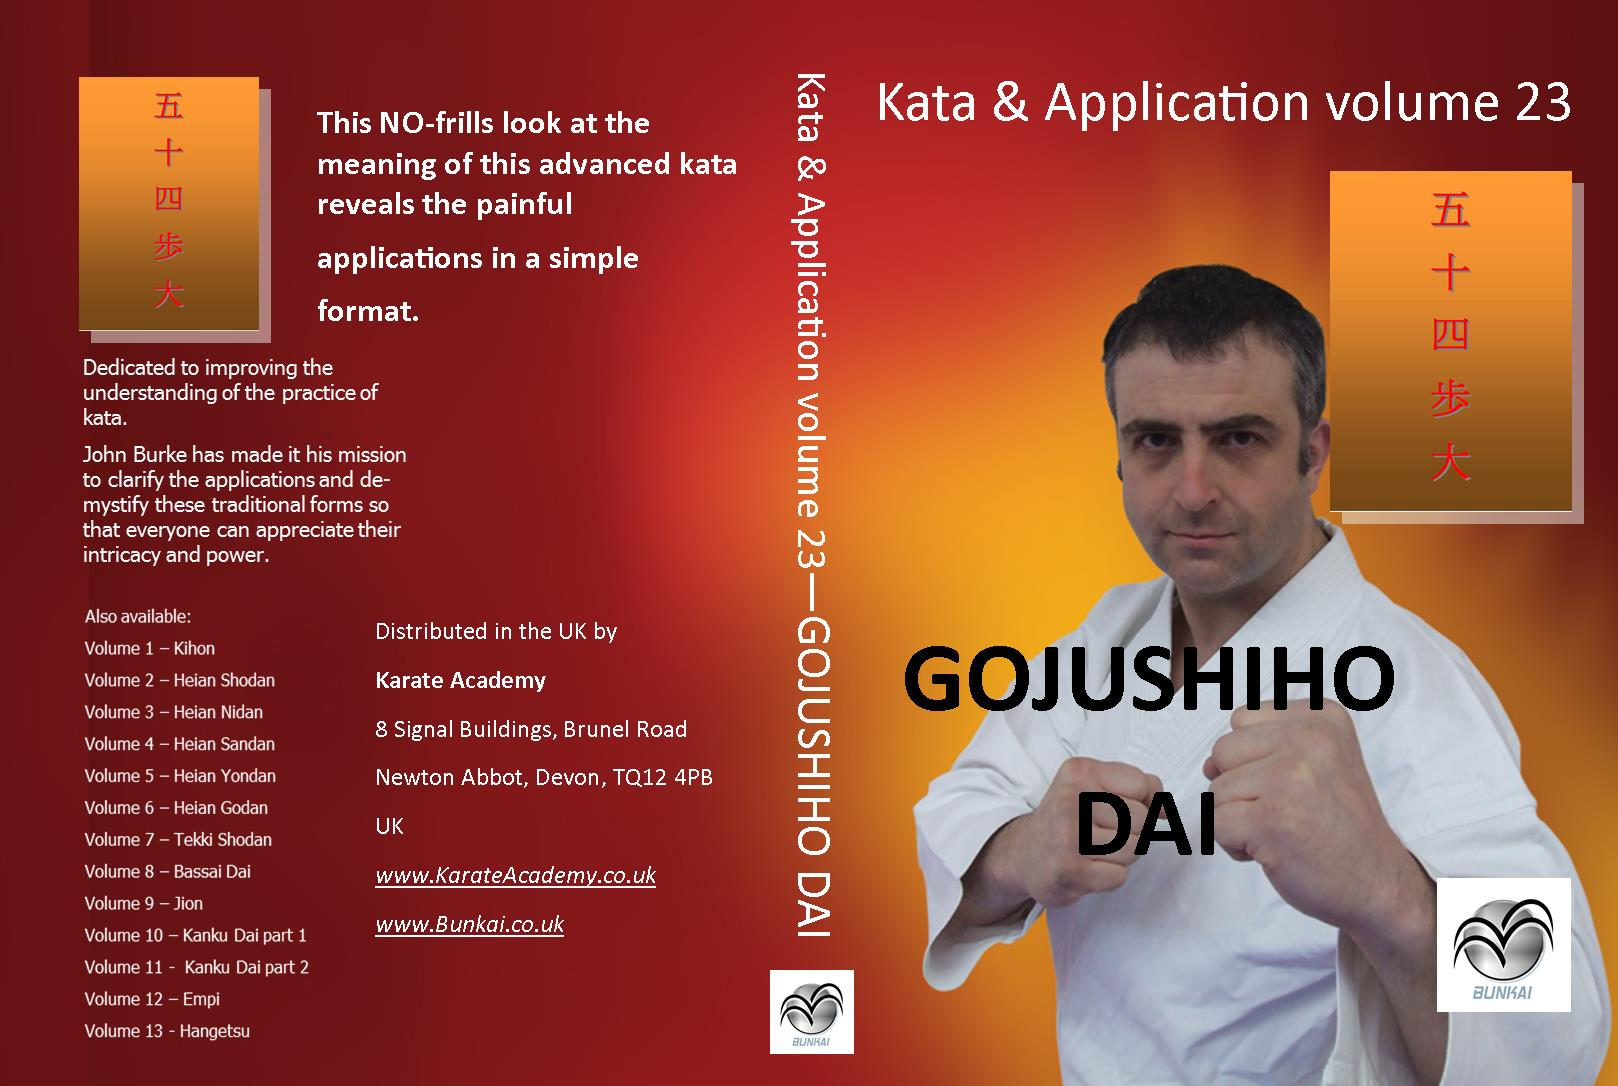 Gojushiho Dai bunkai video